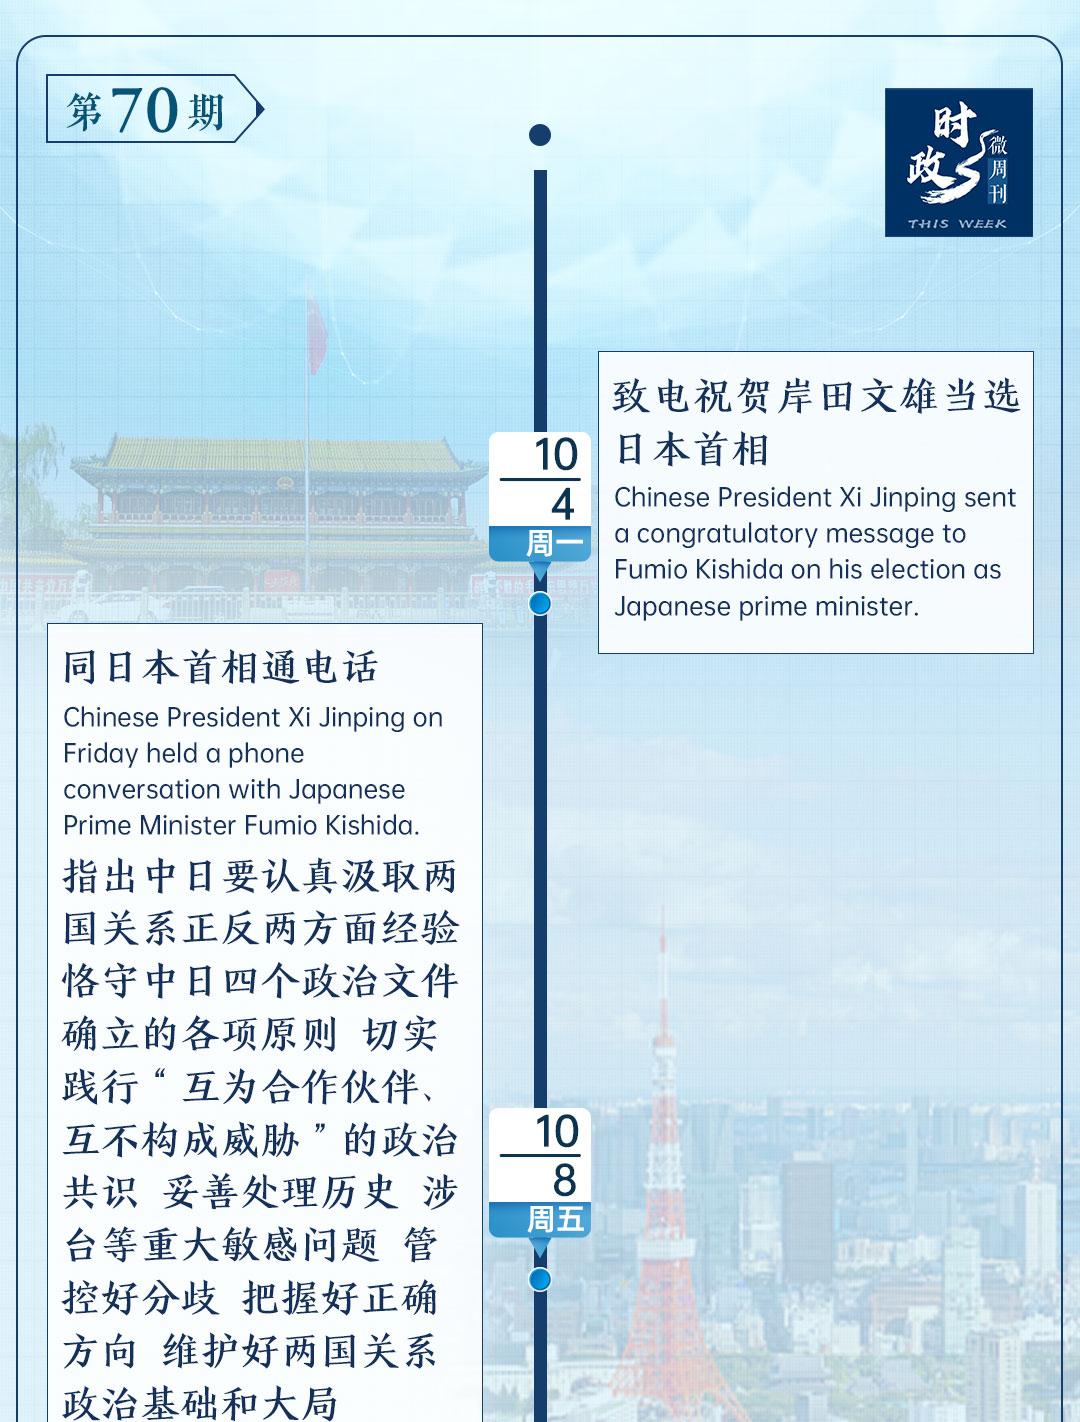 时政微周刊丨总书记的一周(10月4日—10月10日)